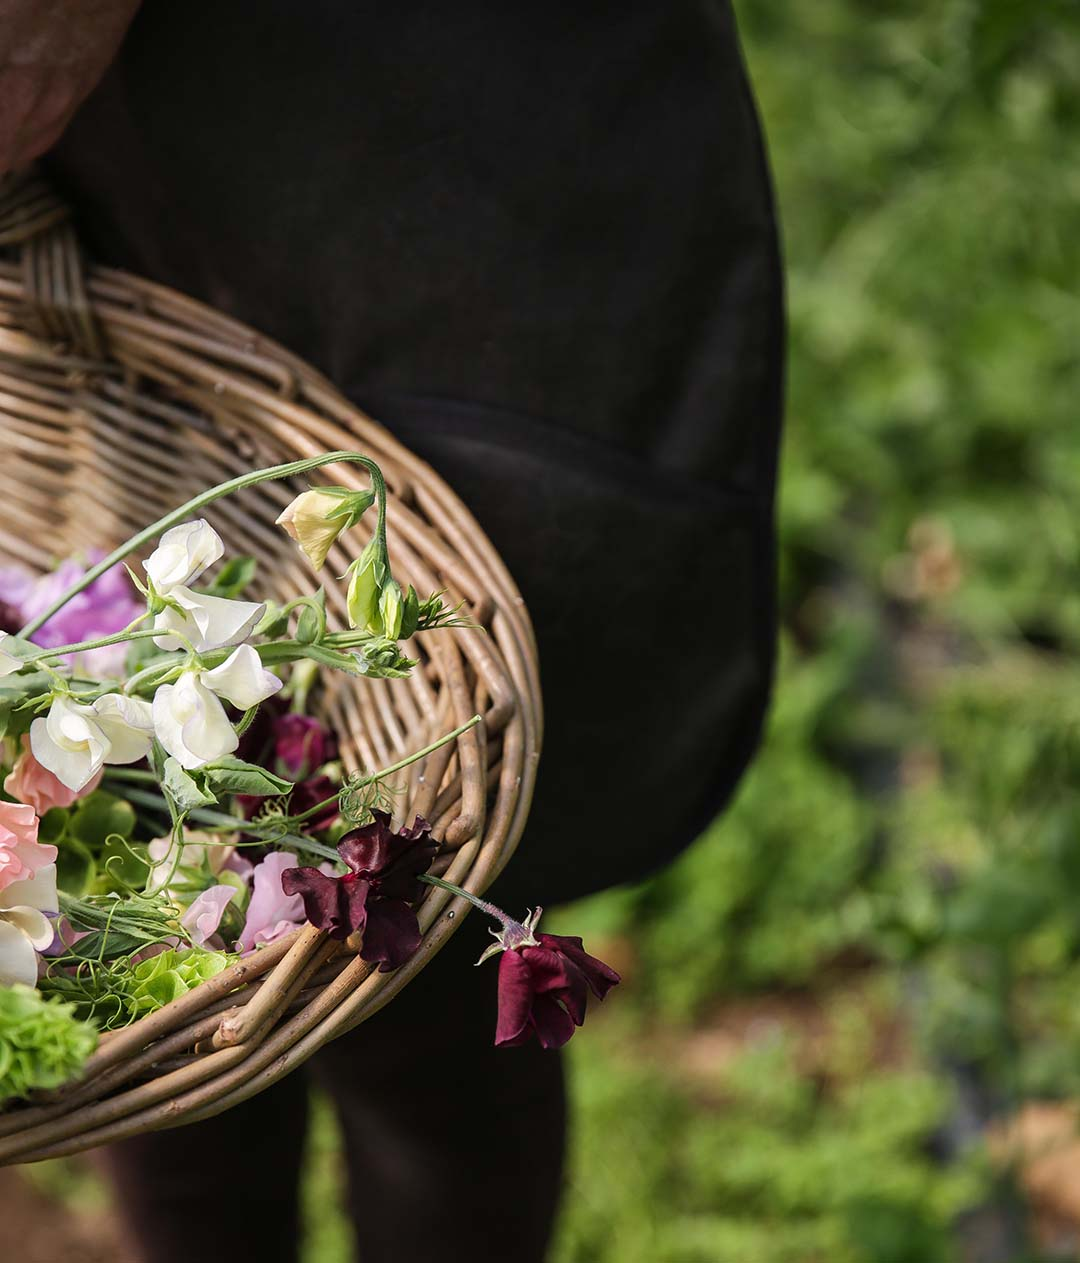 Basket of sweet peas